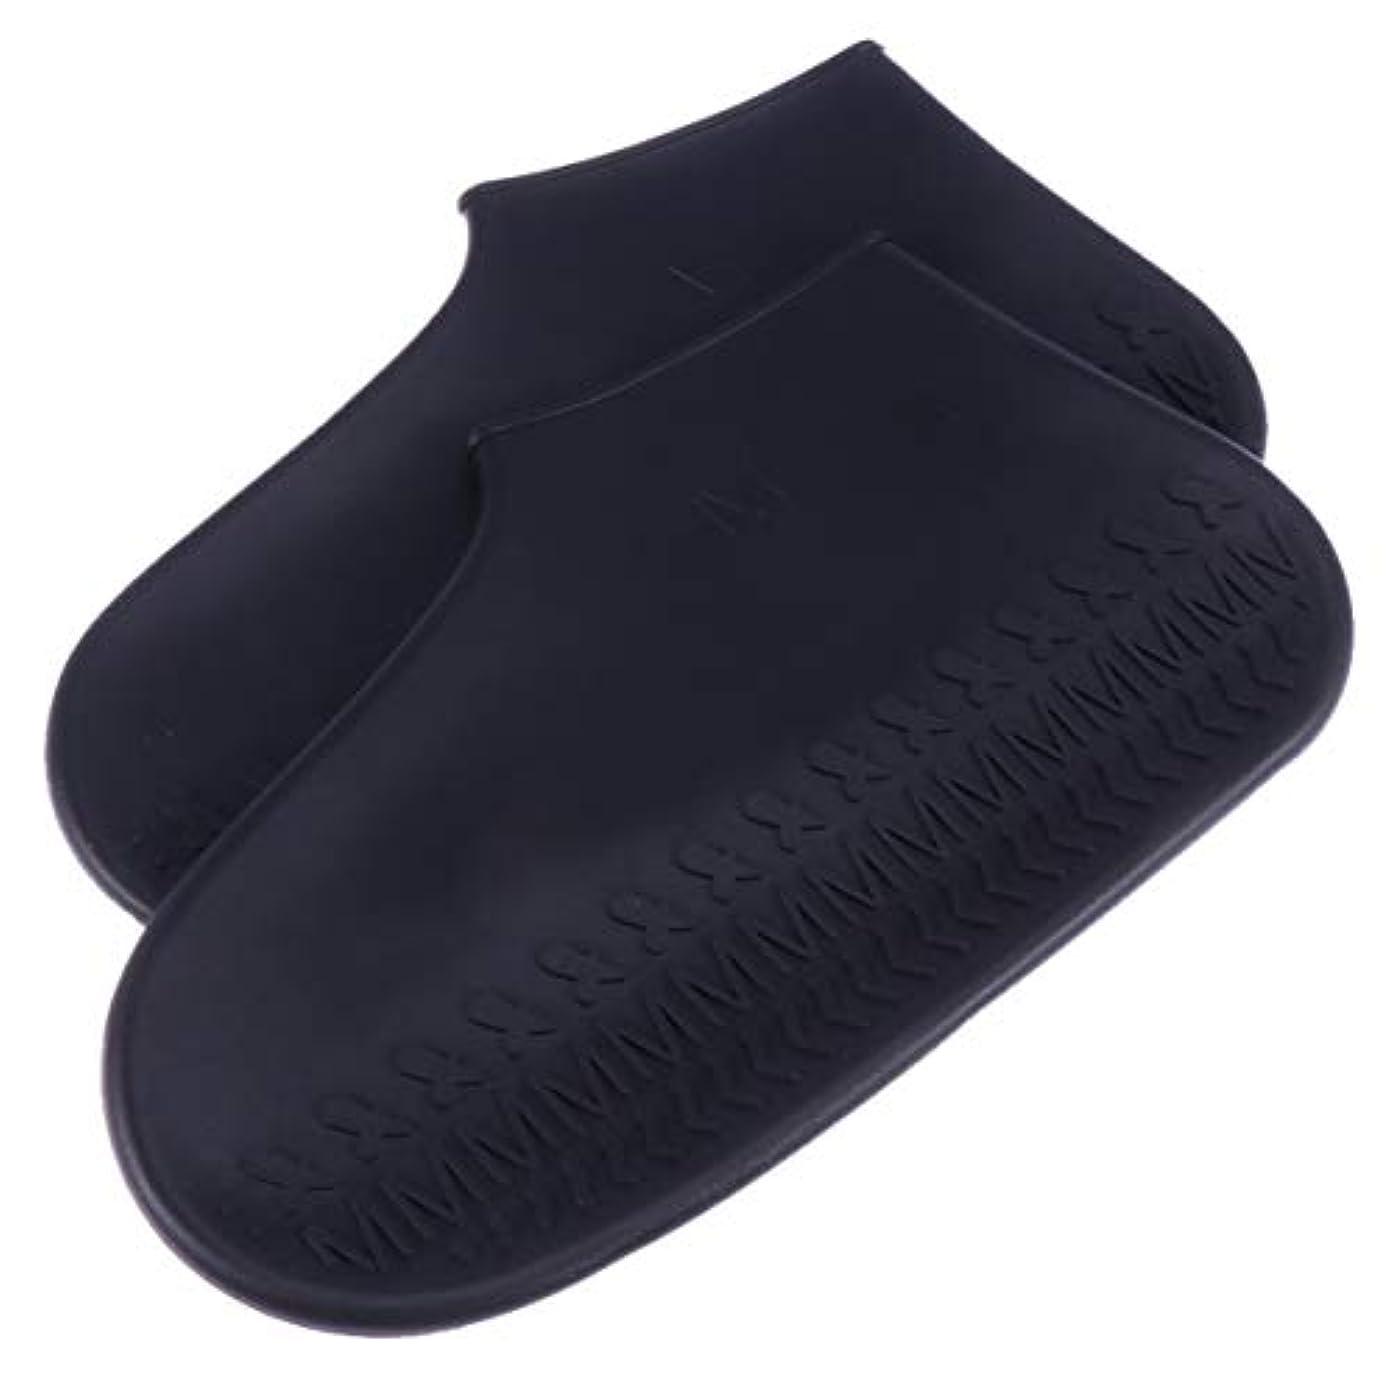 目指す中国満了Healifty シューズカバー 防水 靴カバー 滑り止め 耐摩耗 携帯便利 梅雨対策 男女兼用